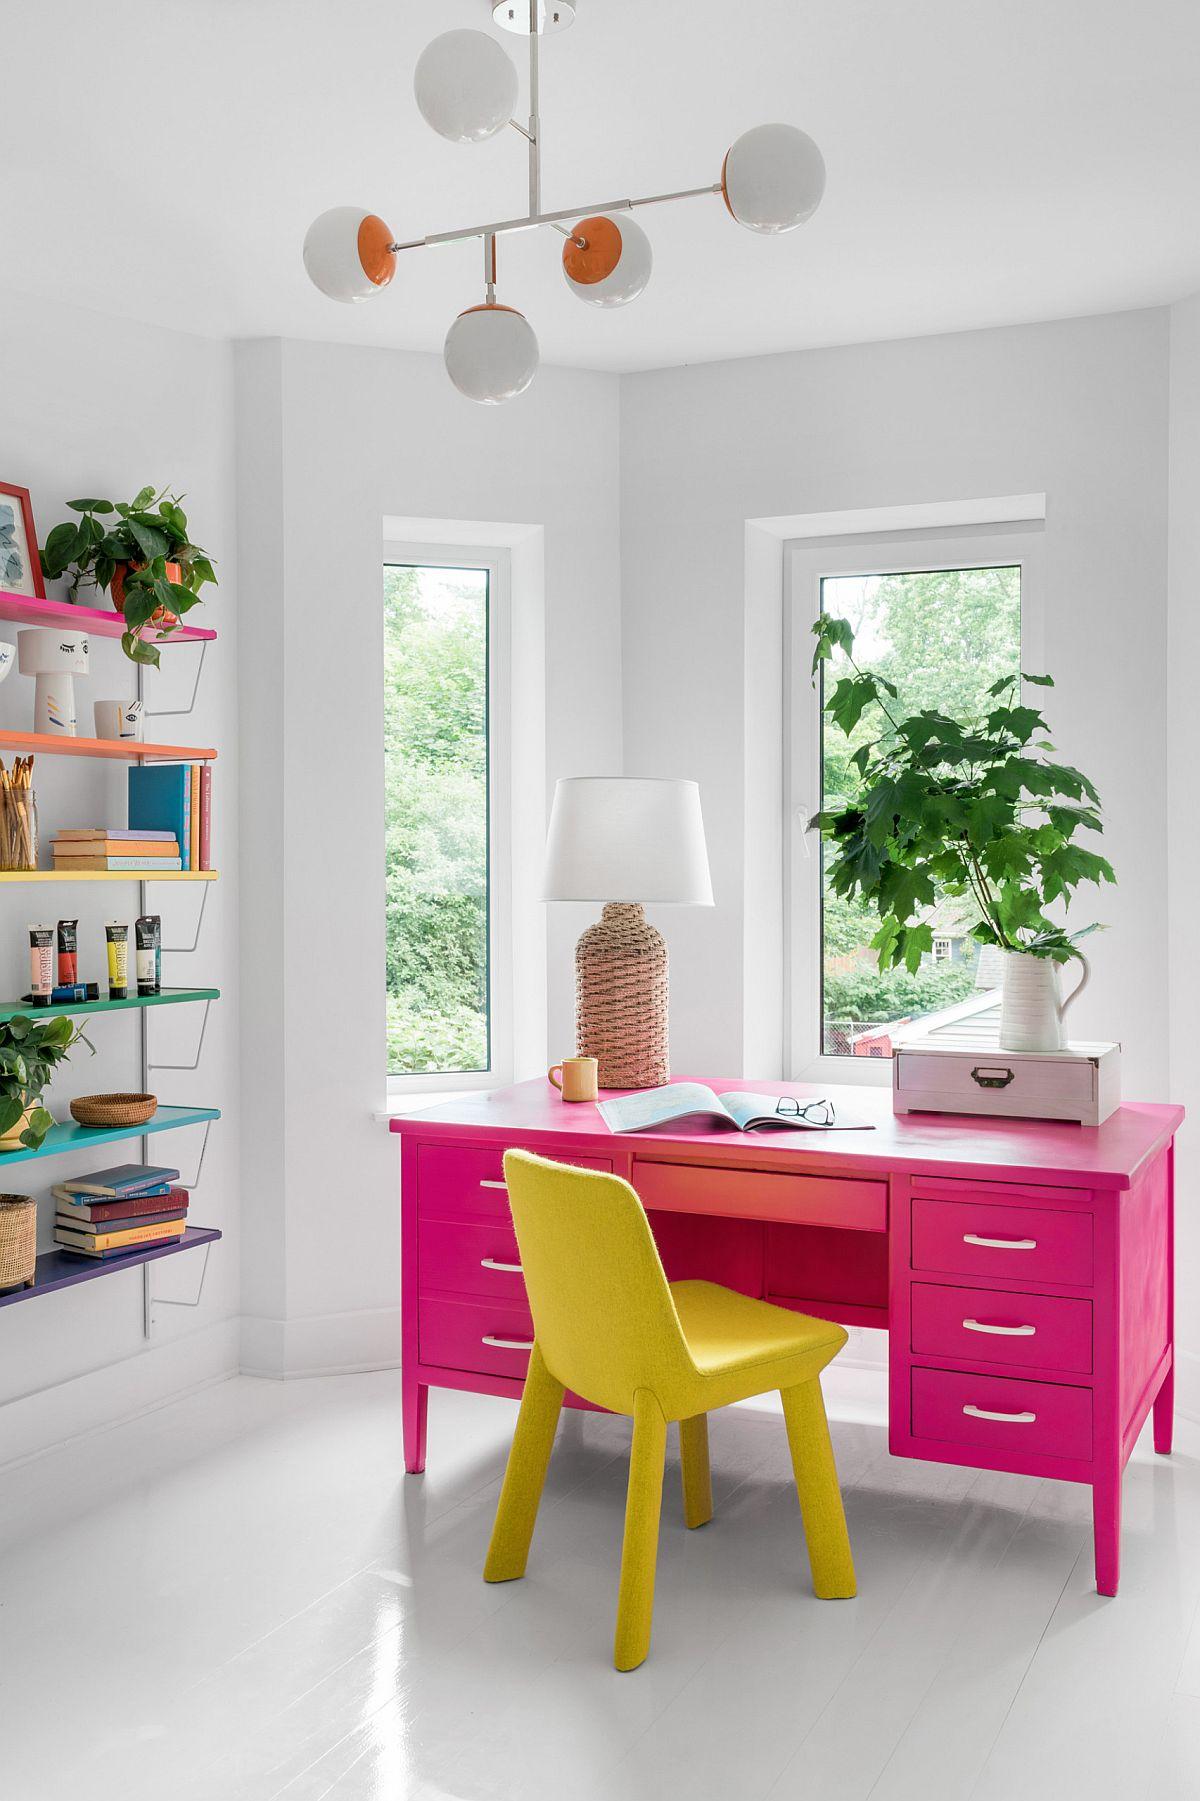 Un bureau rose vif brillant et une chaise jaune vif volent la vedette dans ce bureau à domicile contemporain